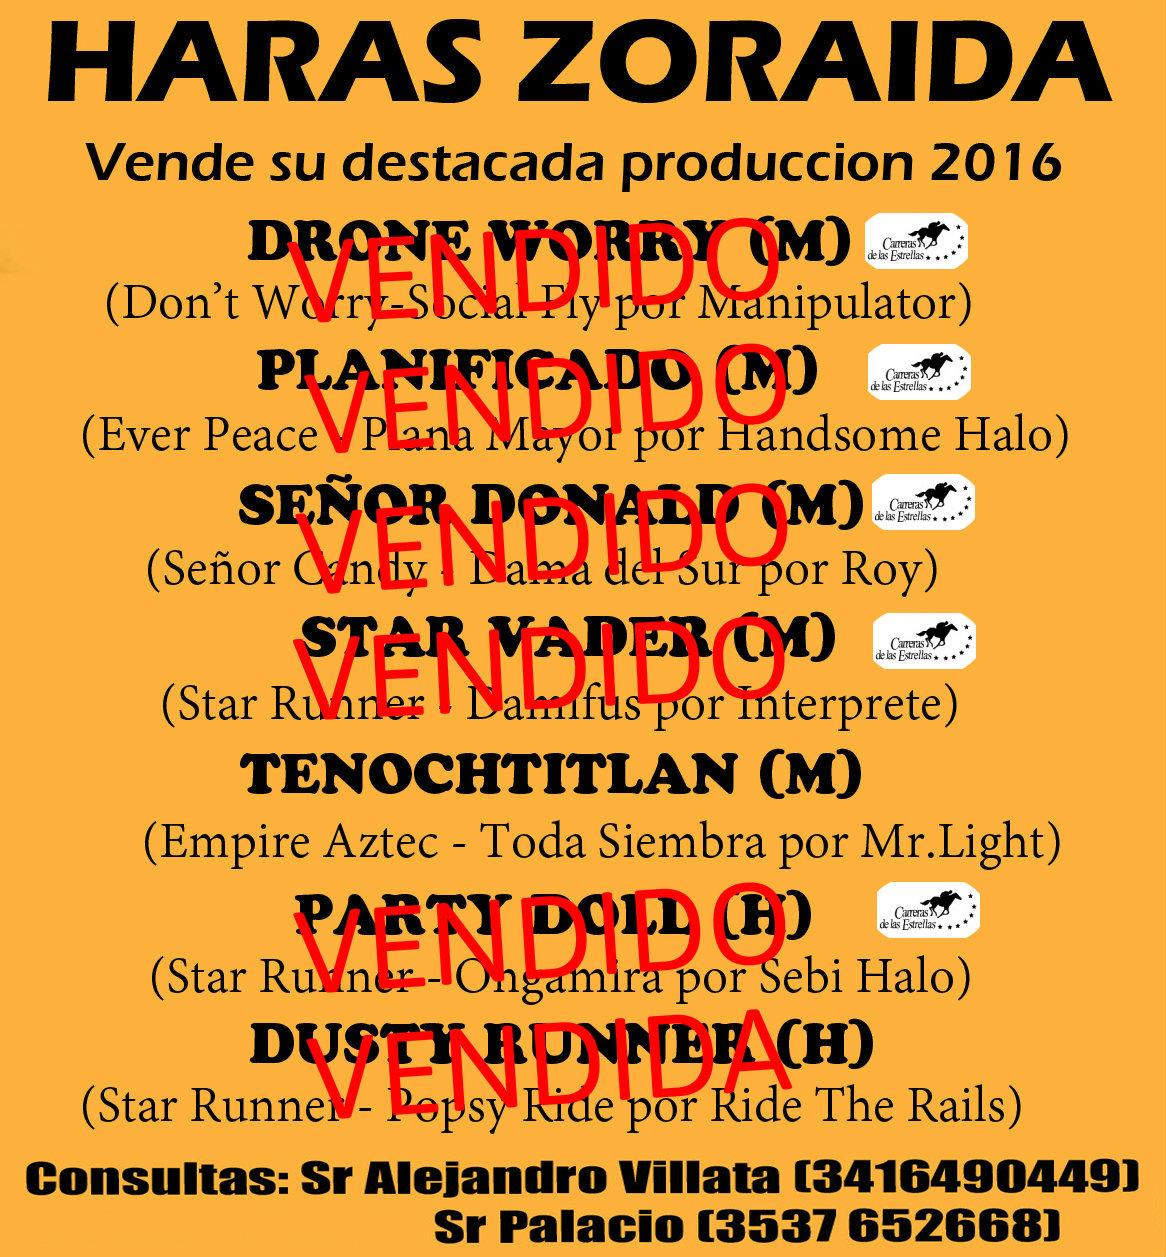 HS ZORAIDA PRODUCTOS 2016 E2